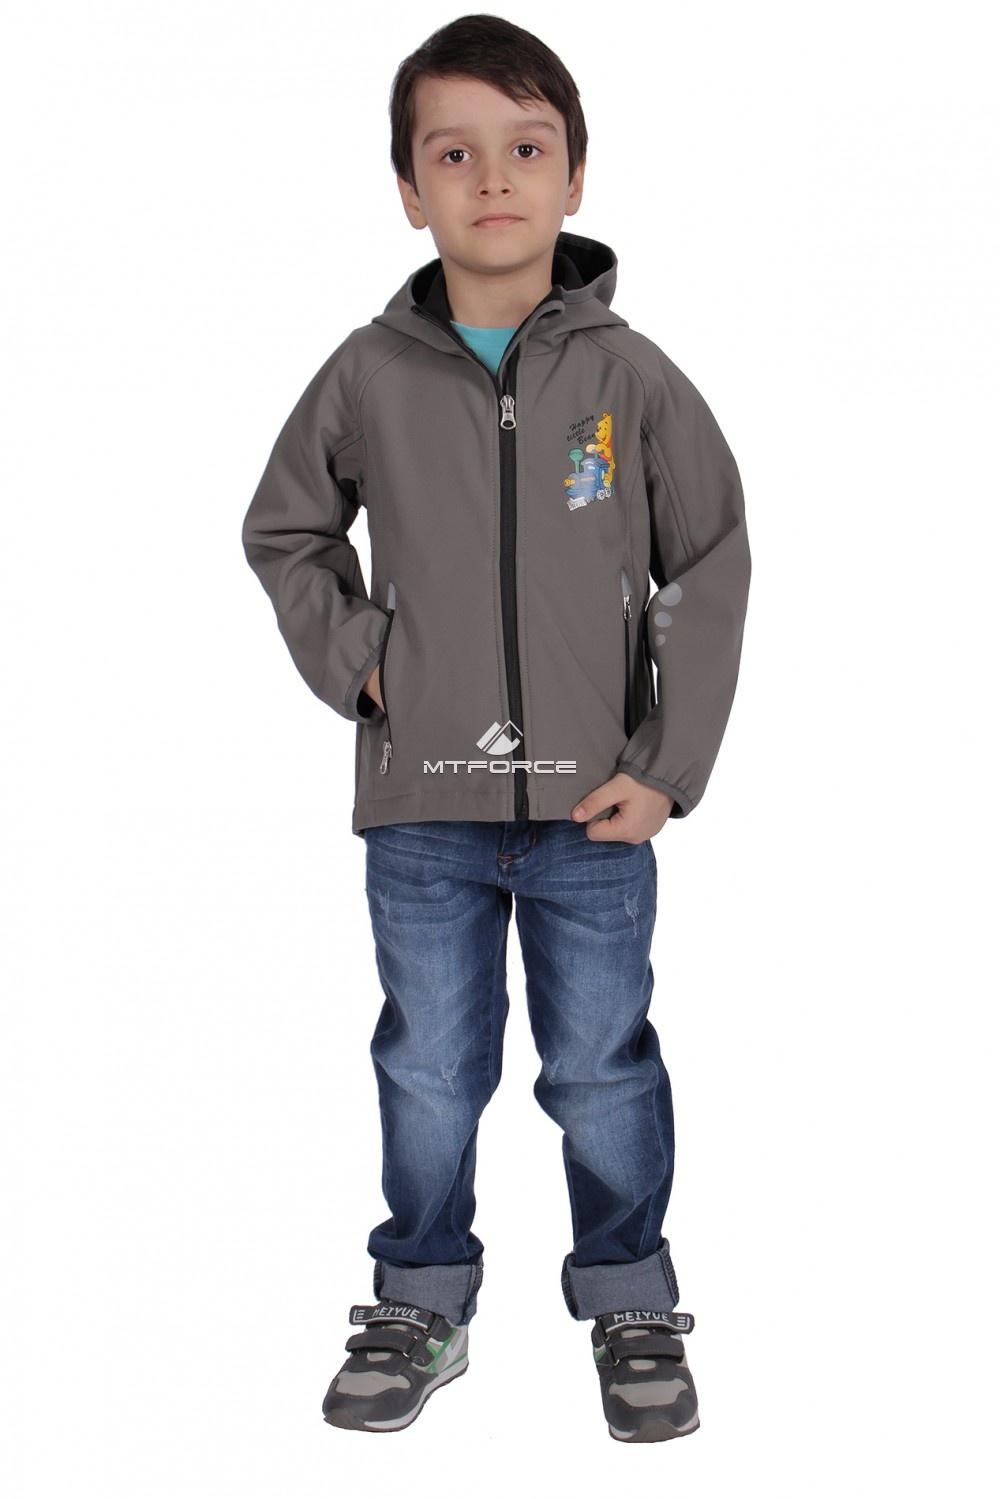 Купить оптом Куртка ветровка детская серого цвета 034-1Sr в Санкт-Петербурге